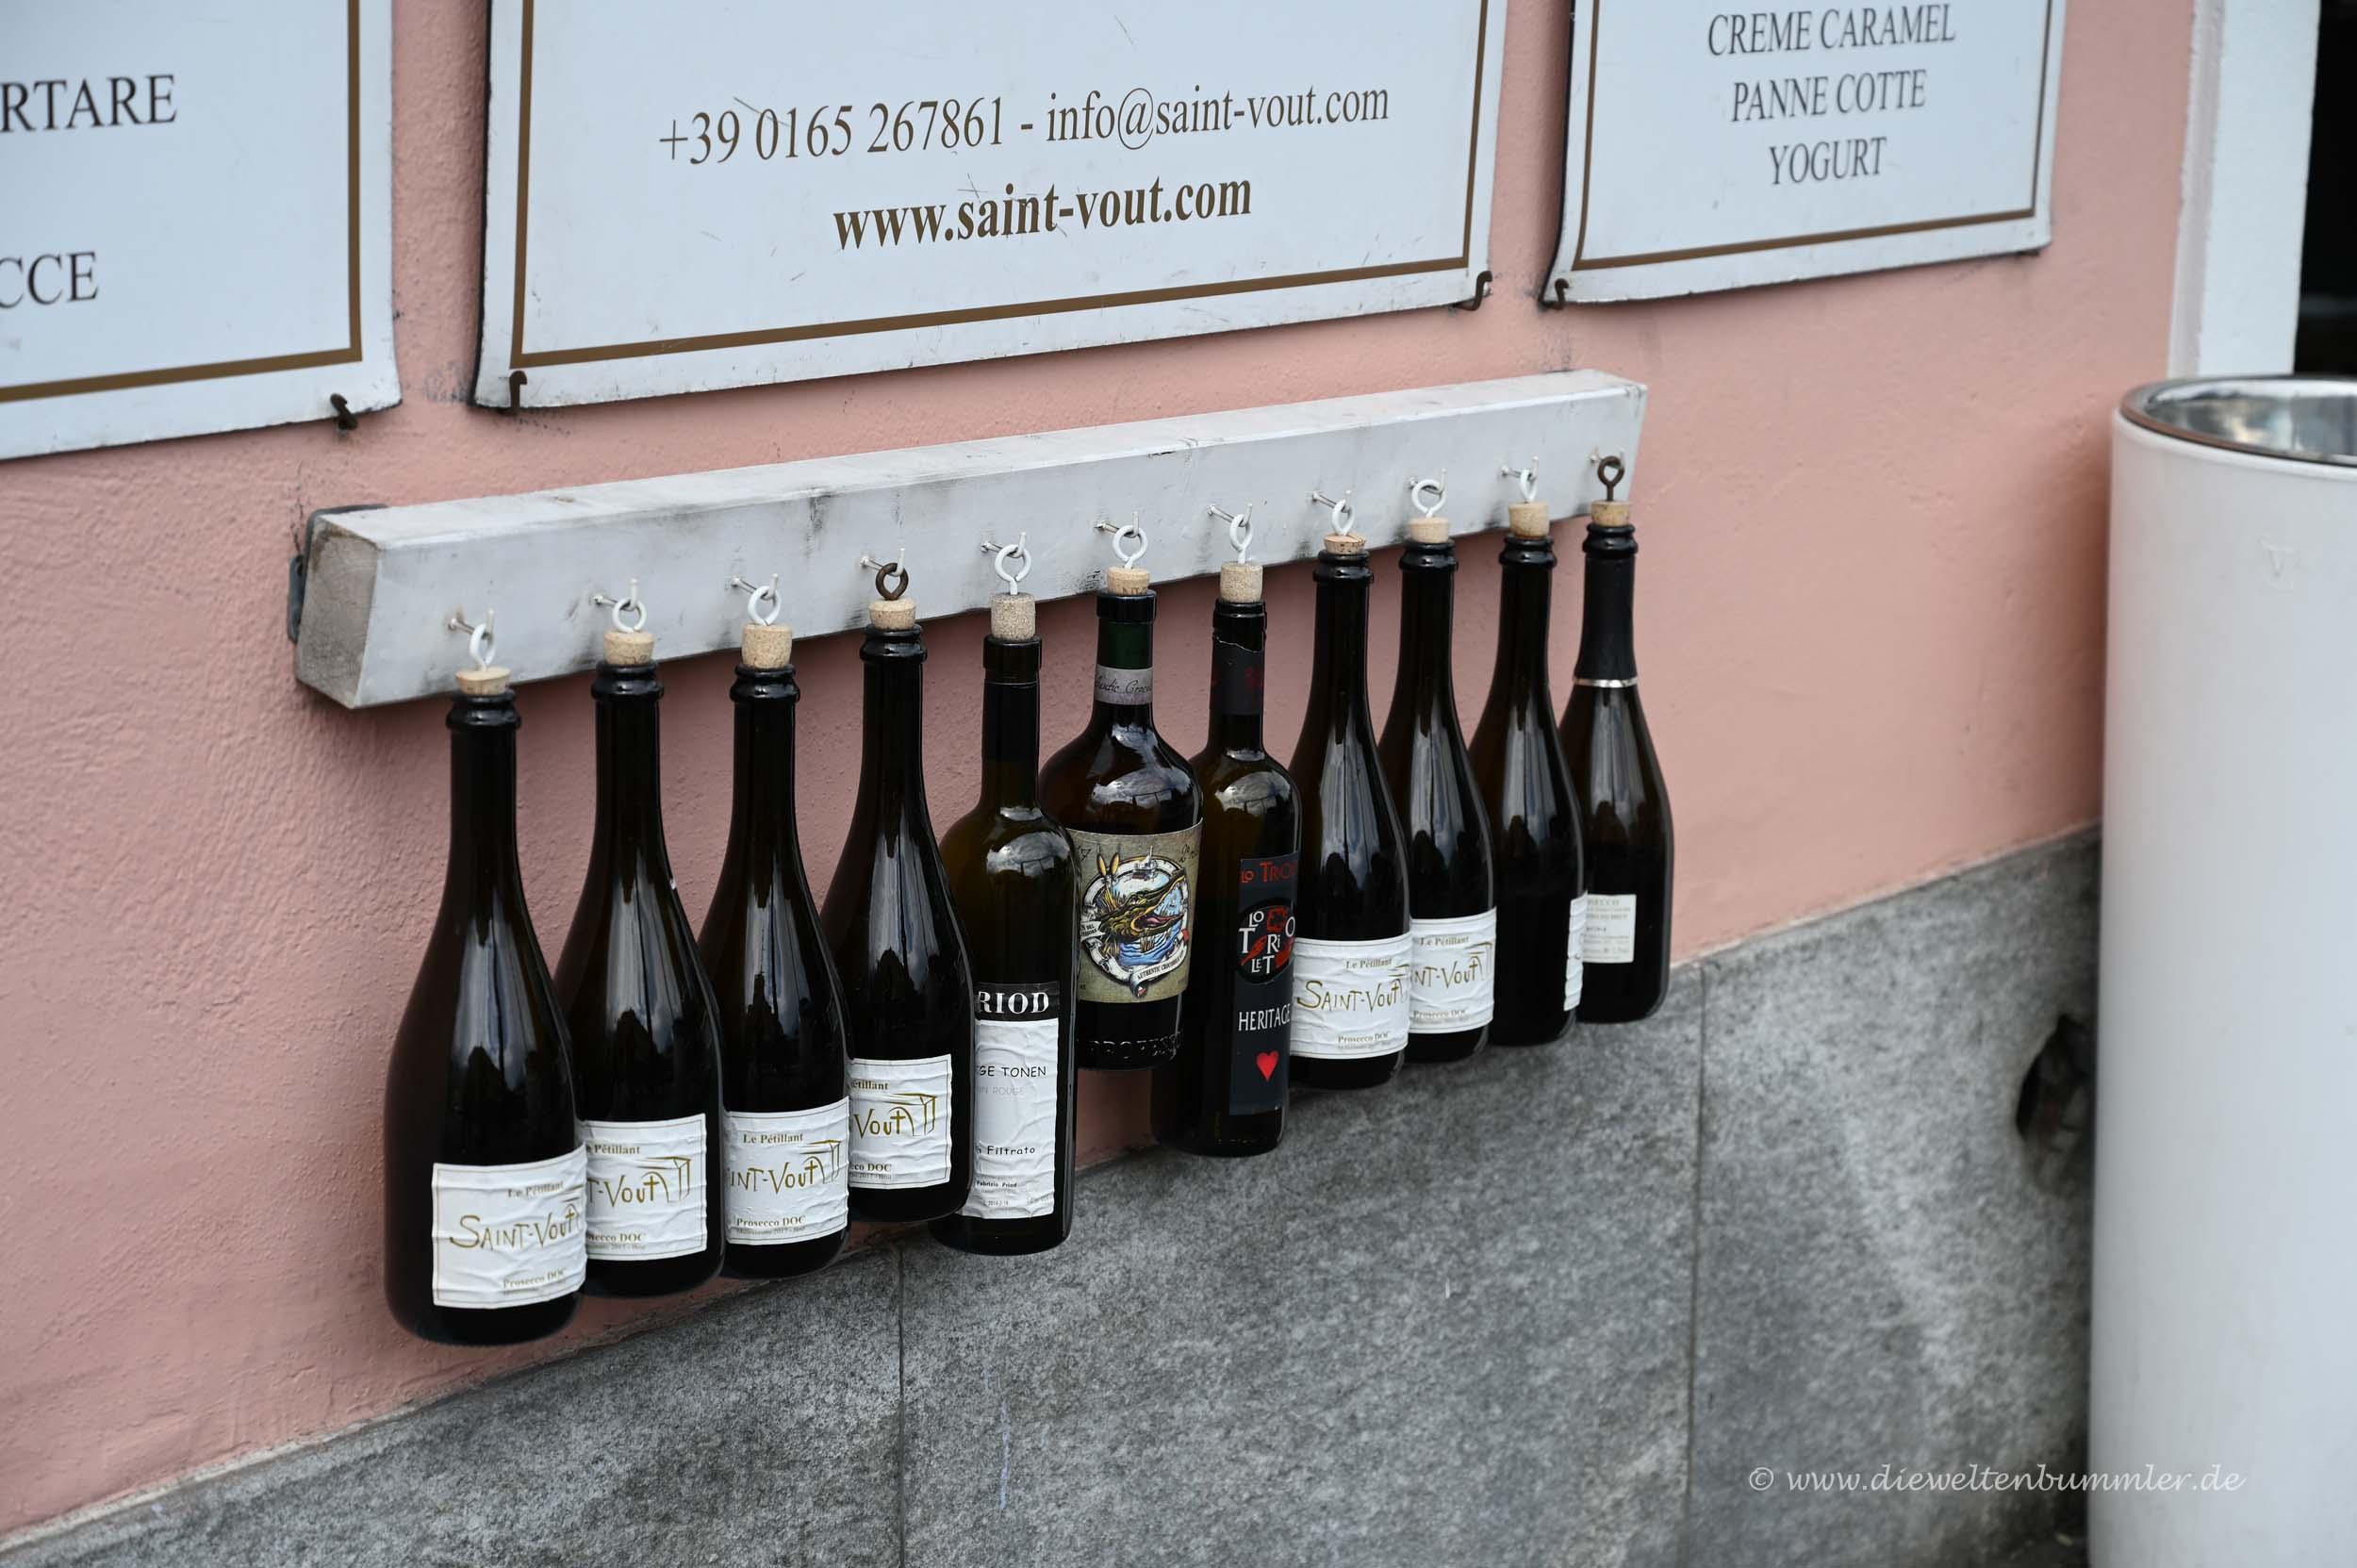 Nette Idee für Weinflaschen